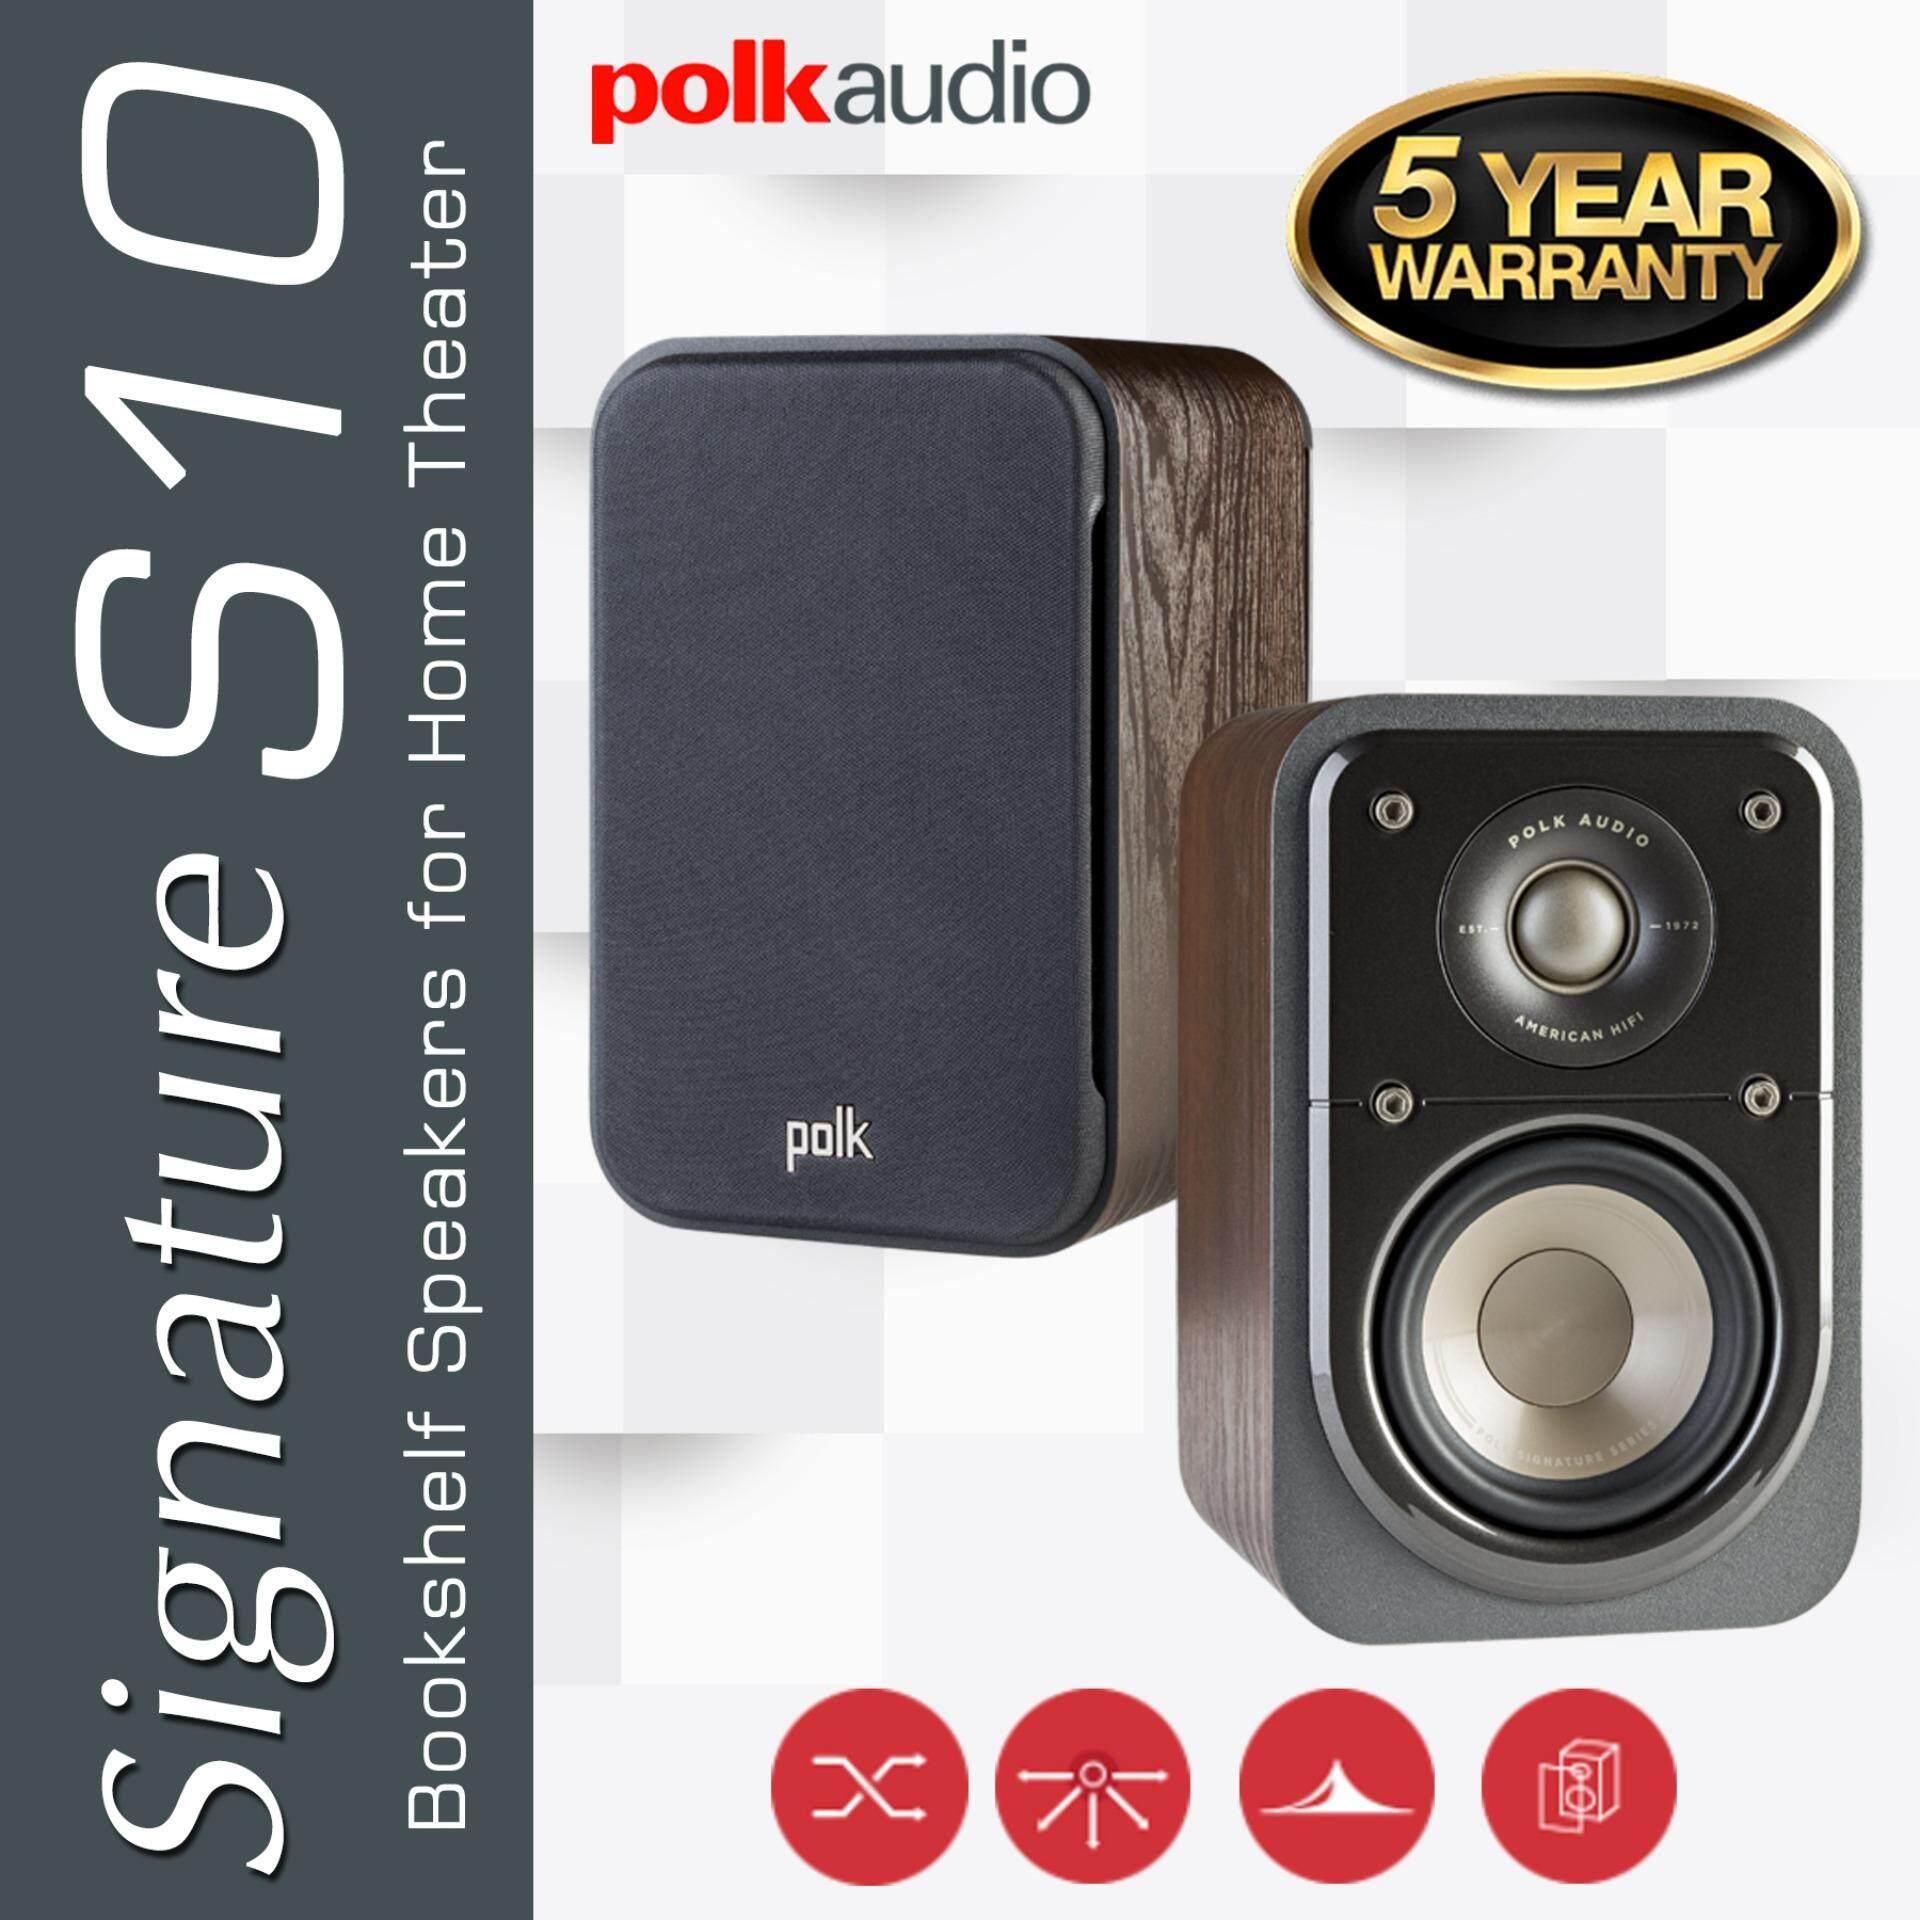 ยี่ห้อไหนดี  แพร่ Polk Audio S10 Floorstanding Speakers สี Brown Walnut ราคาต่อ ลำโพง 1คู่ 2ตัว ซ้าย-ขวา รับประกัน 5 ปี ศูนย์ POWER BUY จากผู้นำเข้าอย่างเป็นทางการ